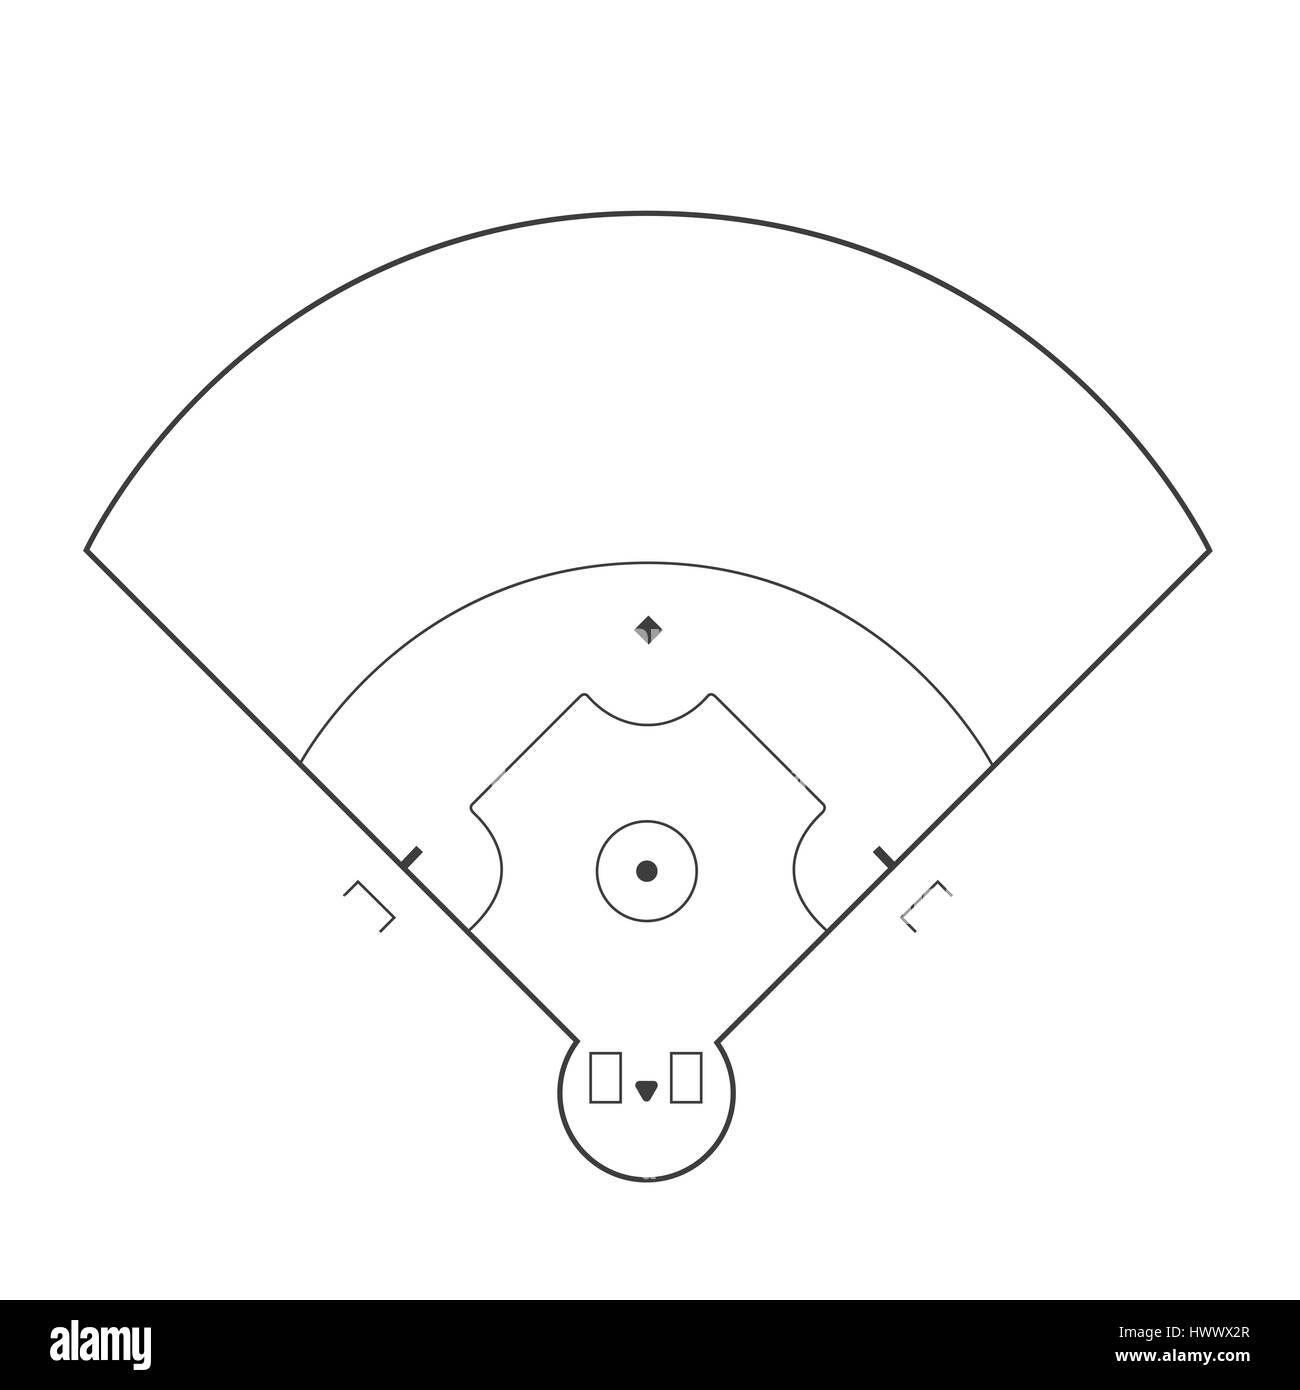 Nett Baseball Feld Aufstellung Vorlage Zeitgenössisch - Beispiel ...